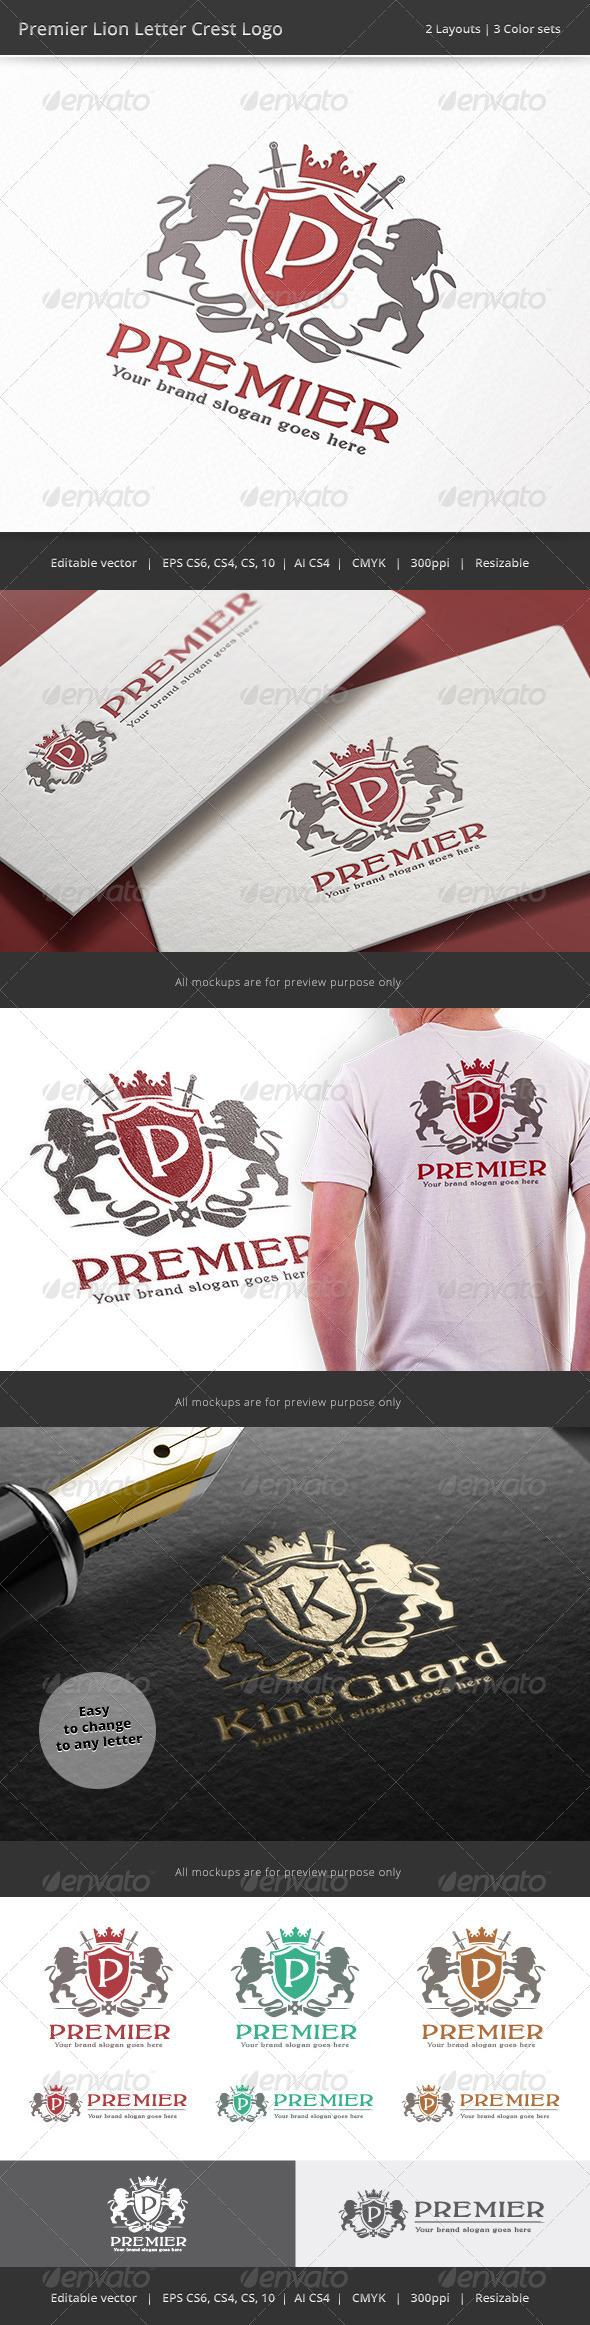 GraphicRiver Premier Lion Letter Crest Logo 8533551